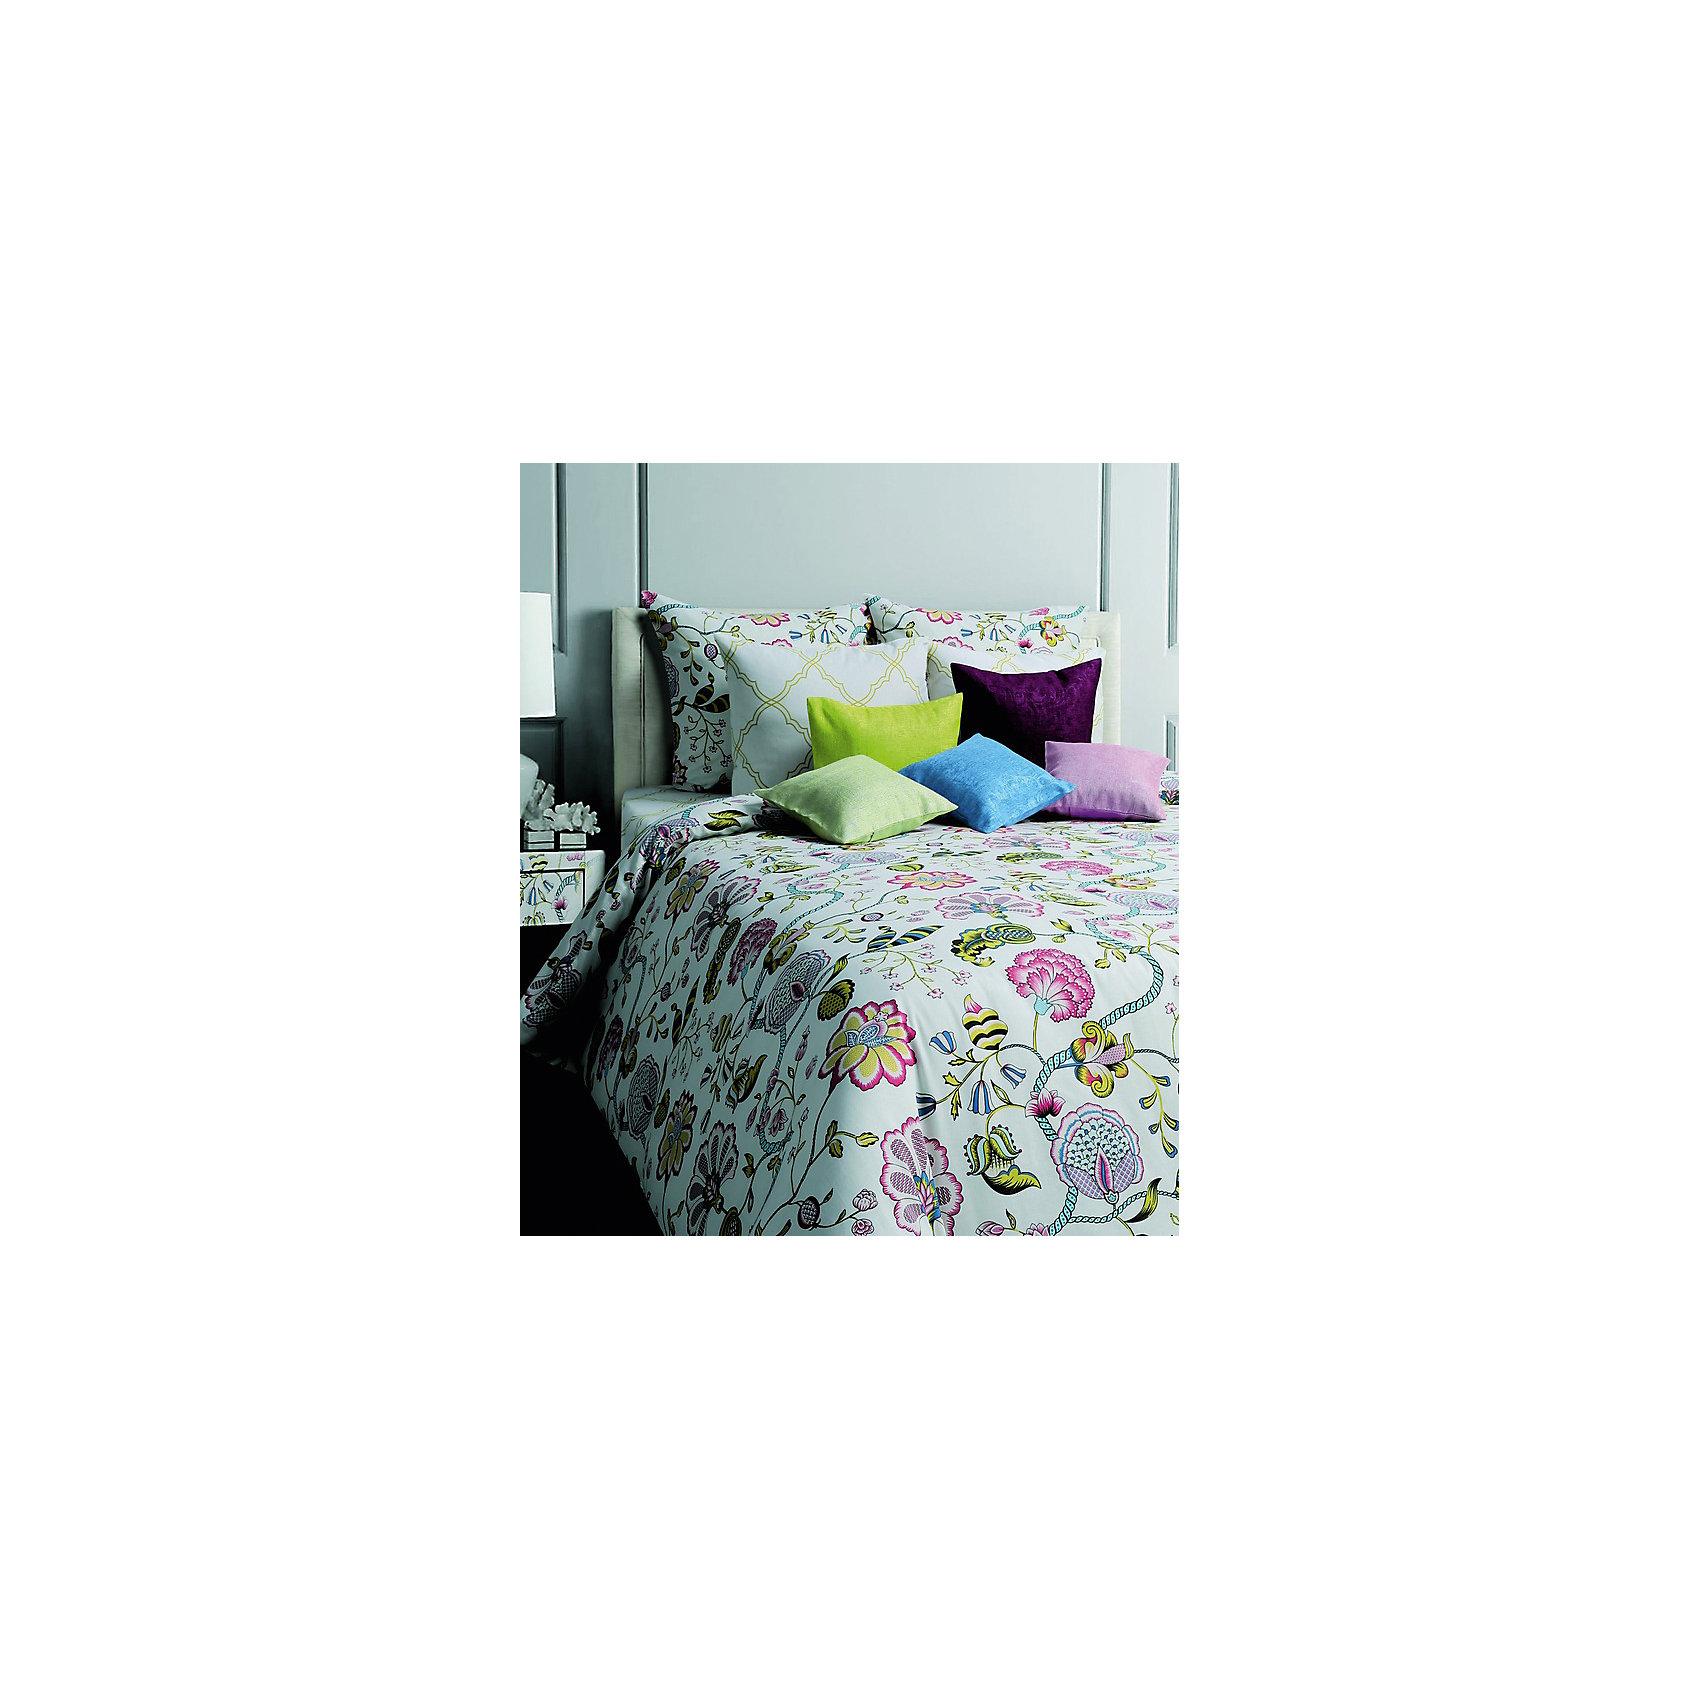 Постельное белье Country, 1,5-спальный, 50*70, Mona LizaХарактеристики:<br><br>• Вид домашнего текстиля: постельное белье<br>• Тип постельного белья по размерам: 1,5 сп<br>• Серия: Mona Liza Classic<br>• Сезон: круглый год<br>• Материал: бязь <br>• Цвет: белый, розовый, желтый, зеленый, голубой<br>• Комплектация: <br> пододеяльник на пуговицах– 1 шт. 145*210 см <br> простынь – 1 шт. 150*215 см<br> наволочки – 2 шт. (50*70 см)<br>• Тип упаковки: книжка <br>• Вес в упаковке: 1 кг 600 г<br>• Особенности ухода: машинная стирка при температуре 30 градусов<br><br>Постельное белье 1,5сп Country 50*70, Mona Liza изготовлено под отечественным торговым брендом, выпускающим постельное белье из натуральных тканей. Комплект выполнен из 100 % бязи, отличающейся высокими характеристиками не только прочности самого полотна, но и устойчивости окраски, которая выполняется по особой технологии. Комплектсостоит из 4-х предметов. Постельное белье выполнено в стильном дизайне с нежным цветочным рисунком на белом фоне. <br>Постельное белье 1,5сп Country 50*70, Mona Liza – домашний текстиль, соответствующий международным стандартам качества и безопасности!<br><br>Постельное белье 1,5сп Country 50*70, Mona Liza можно купить в нашем интернет-магазине.<br><br>Ширина мм: 290<br>Глубина мм: 70<br>Высота мм: 370<br>Вес г: 1400<br>Возраст от месяцев: 84<br>Возраст до месяцев: 216<br>Пол: Женский<br>Возраст: Детский<br>SKU: 5165675